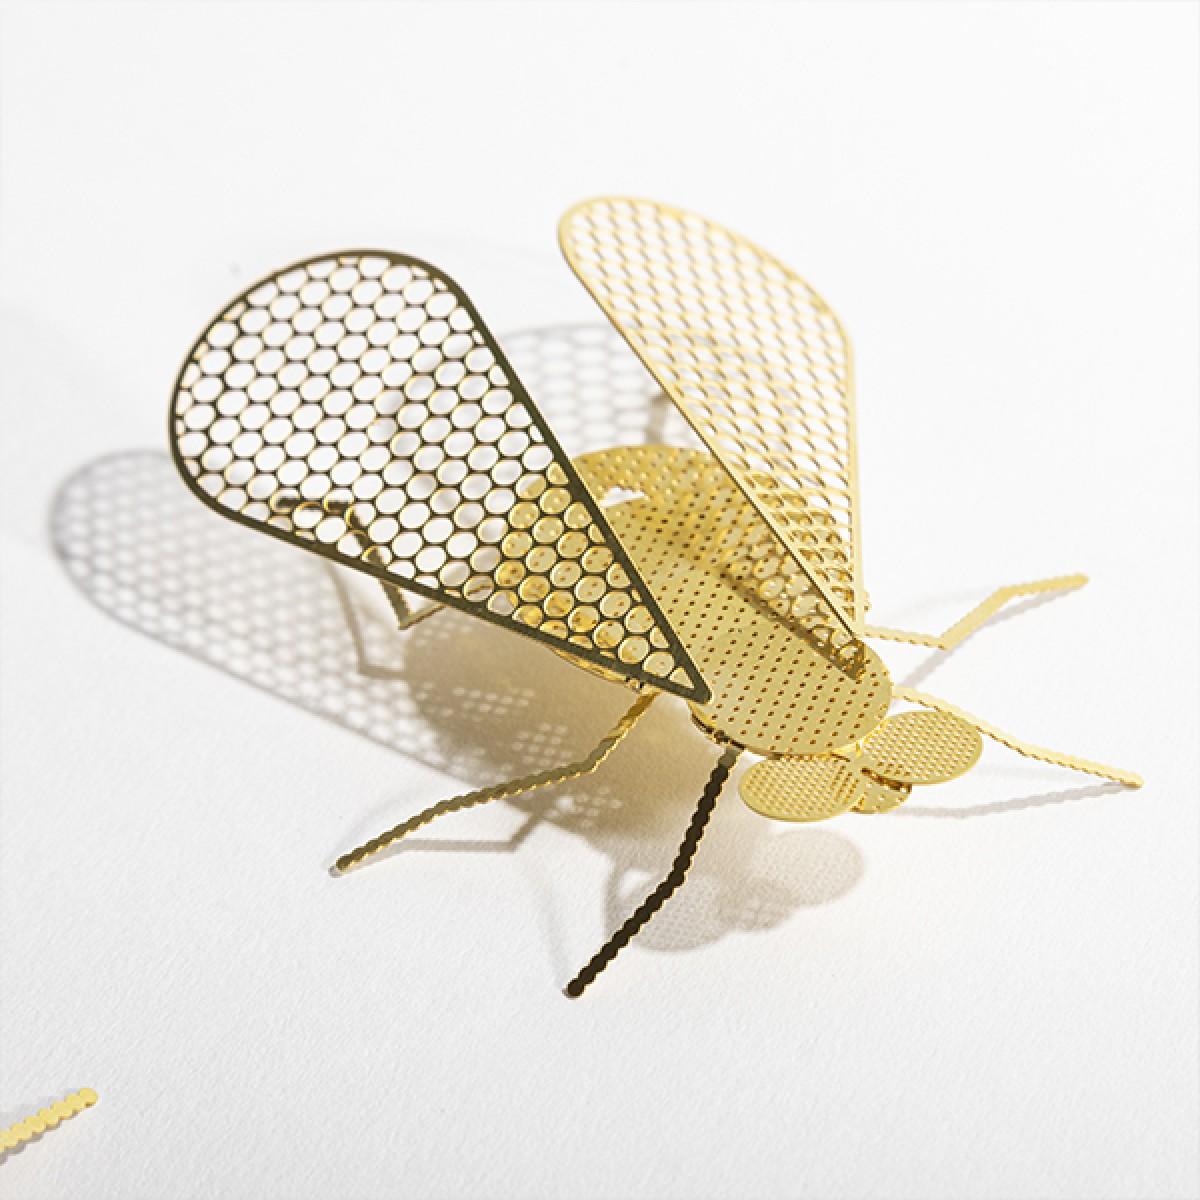 MITBEWOHNER Fliege